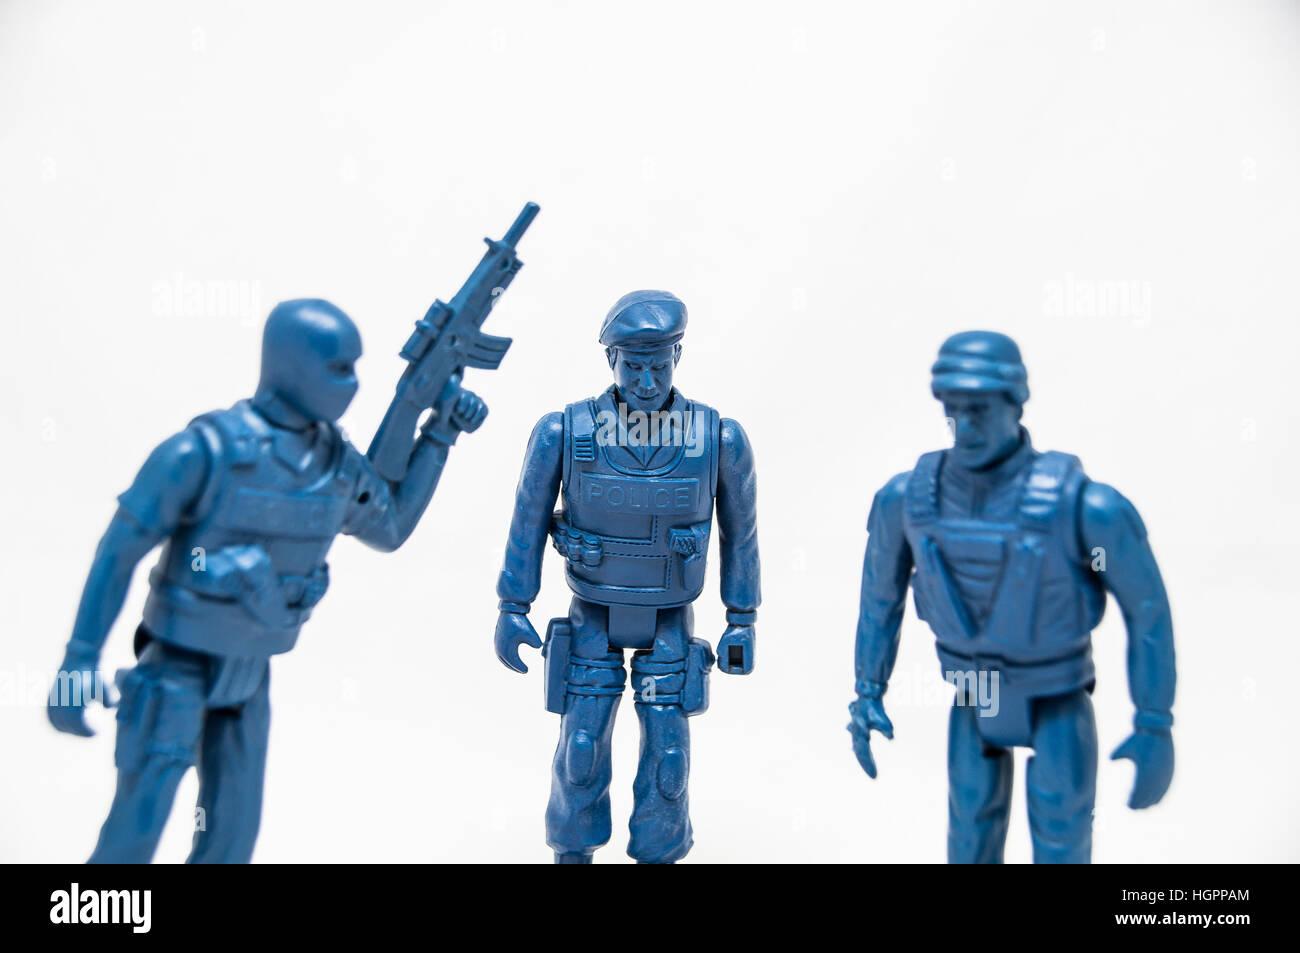 Les jouets de la police en plastique bleu Photo Stock